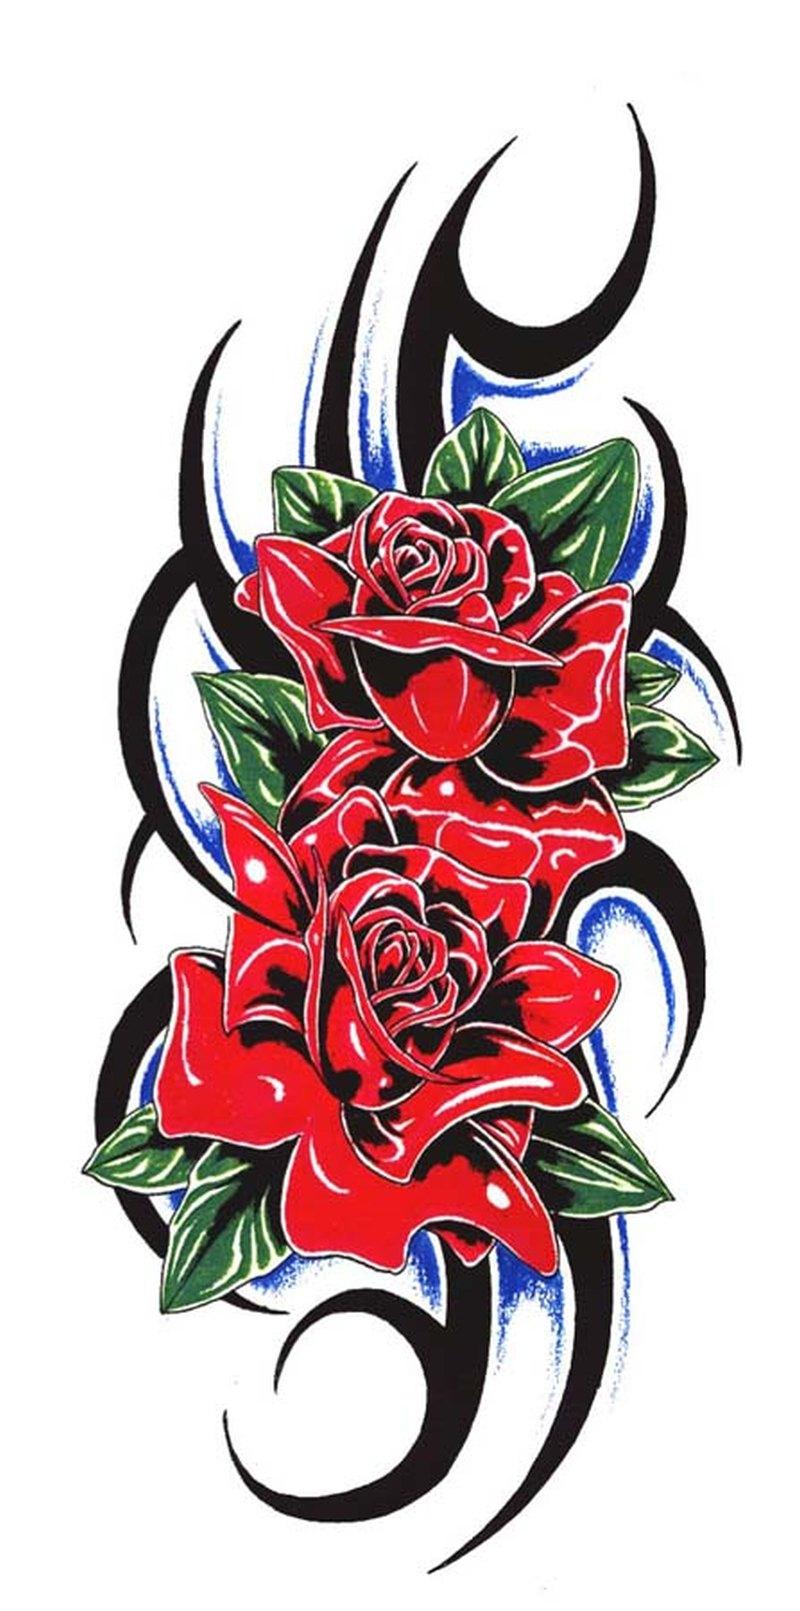 Tribal flower tattoo stencil 2